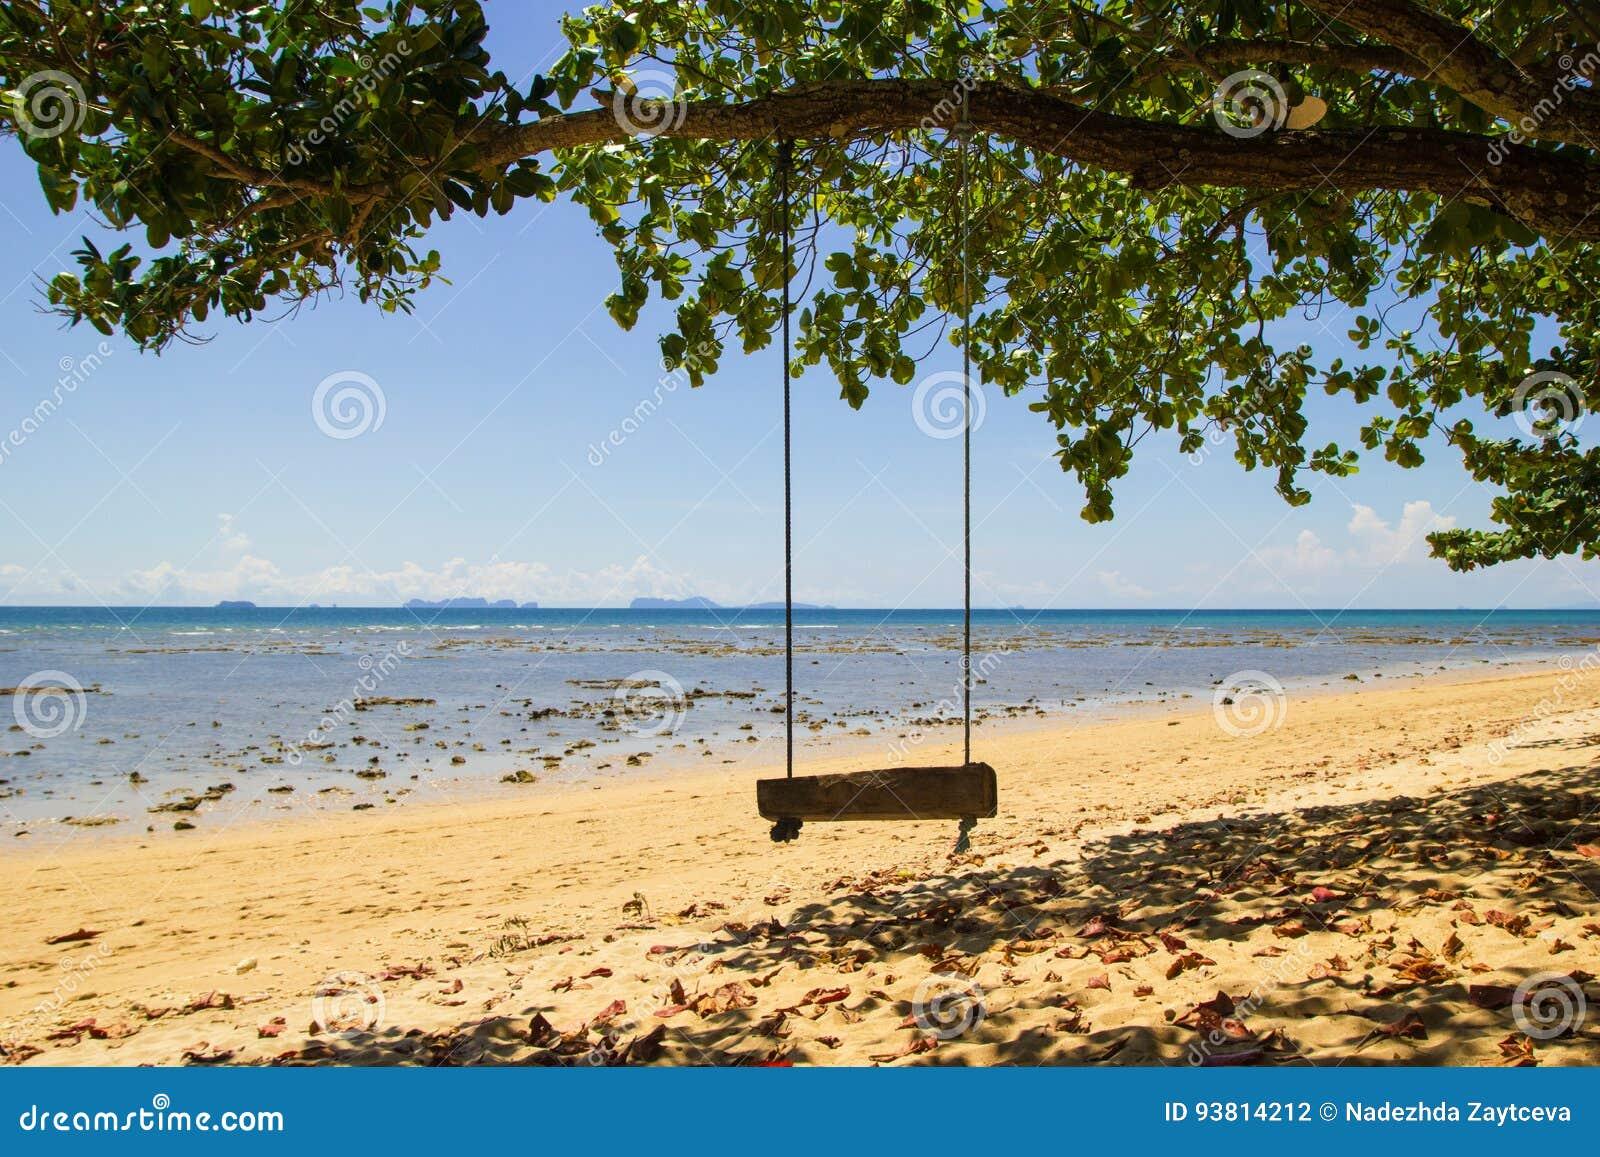 Das Schwingen unter dem Baum auf dem Sandstrand nahe zum Meer